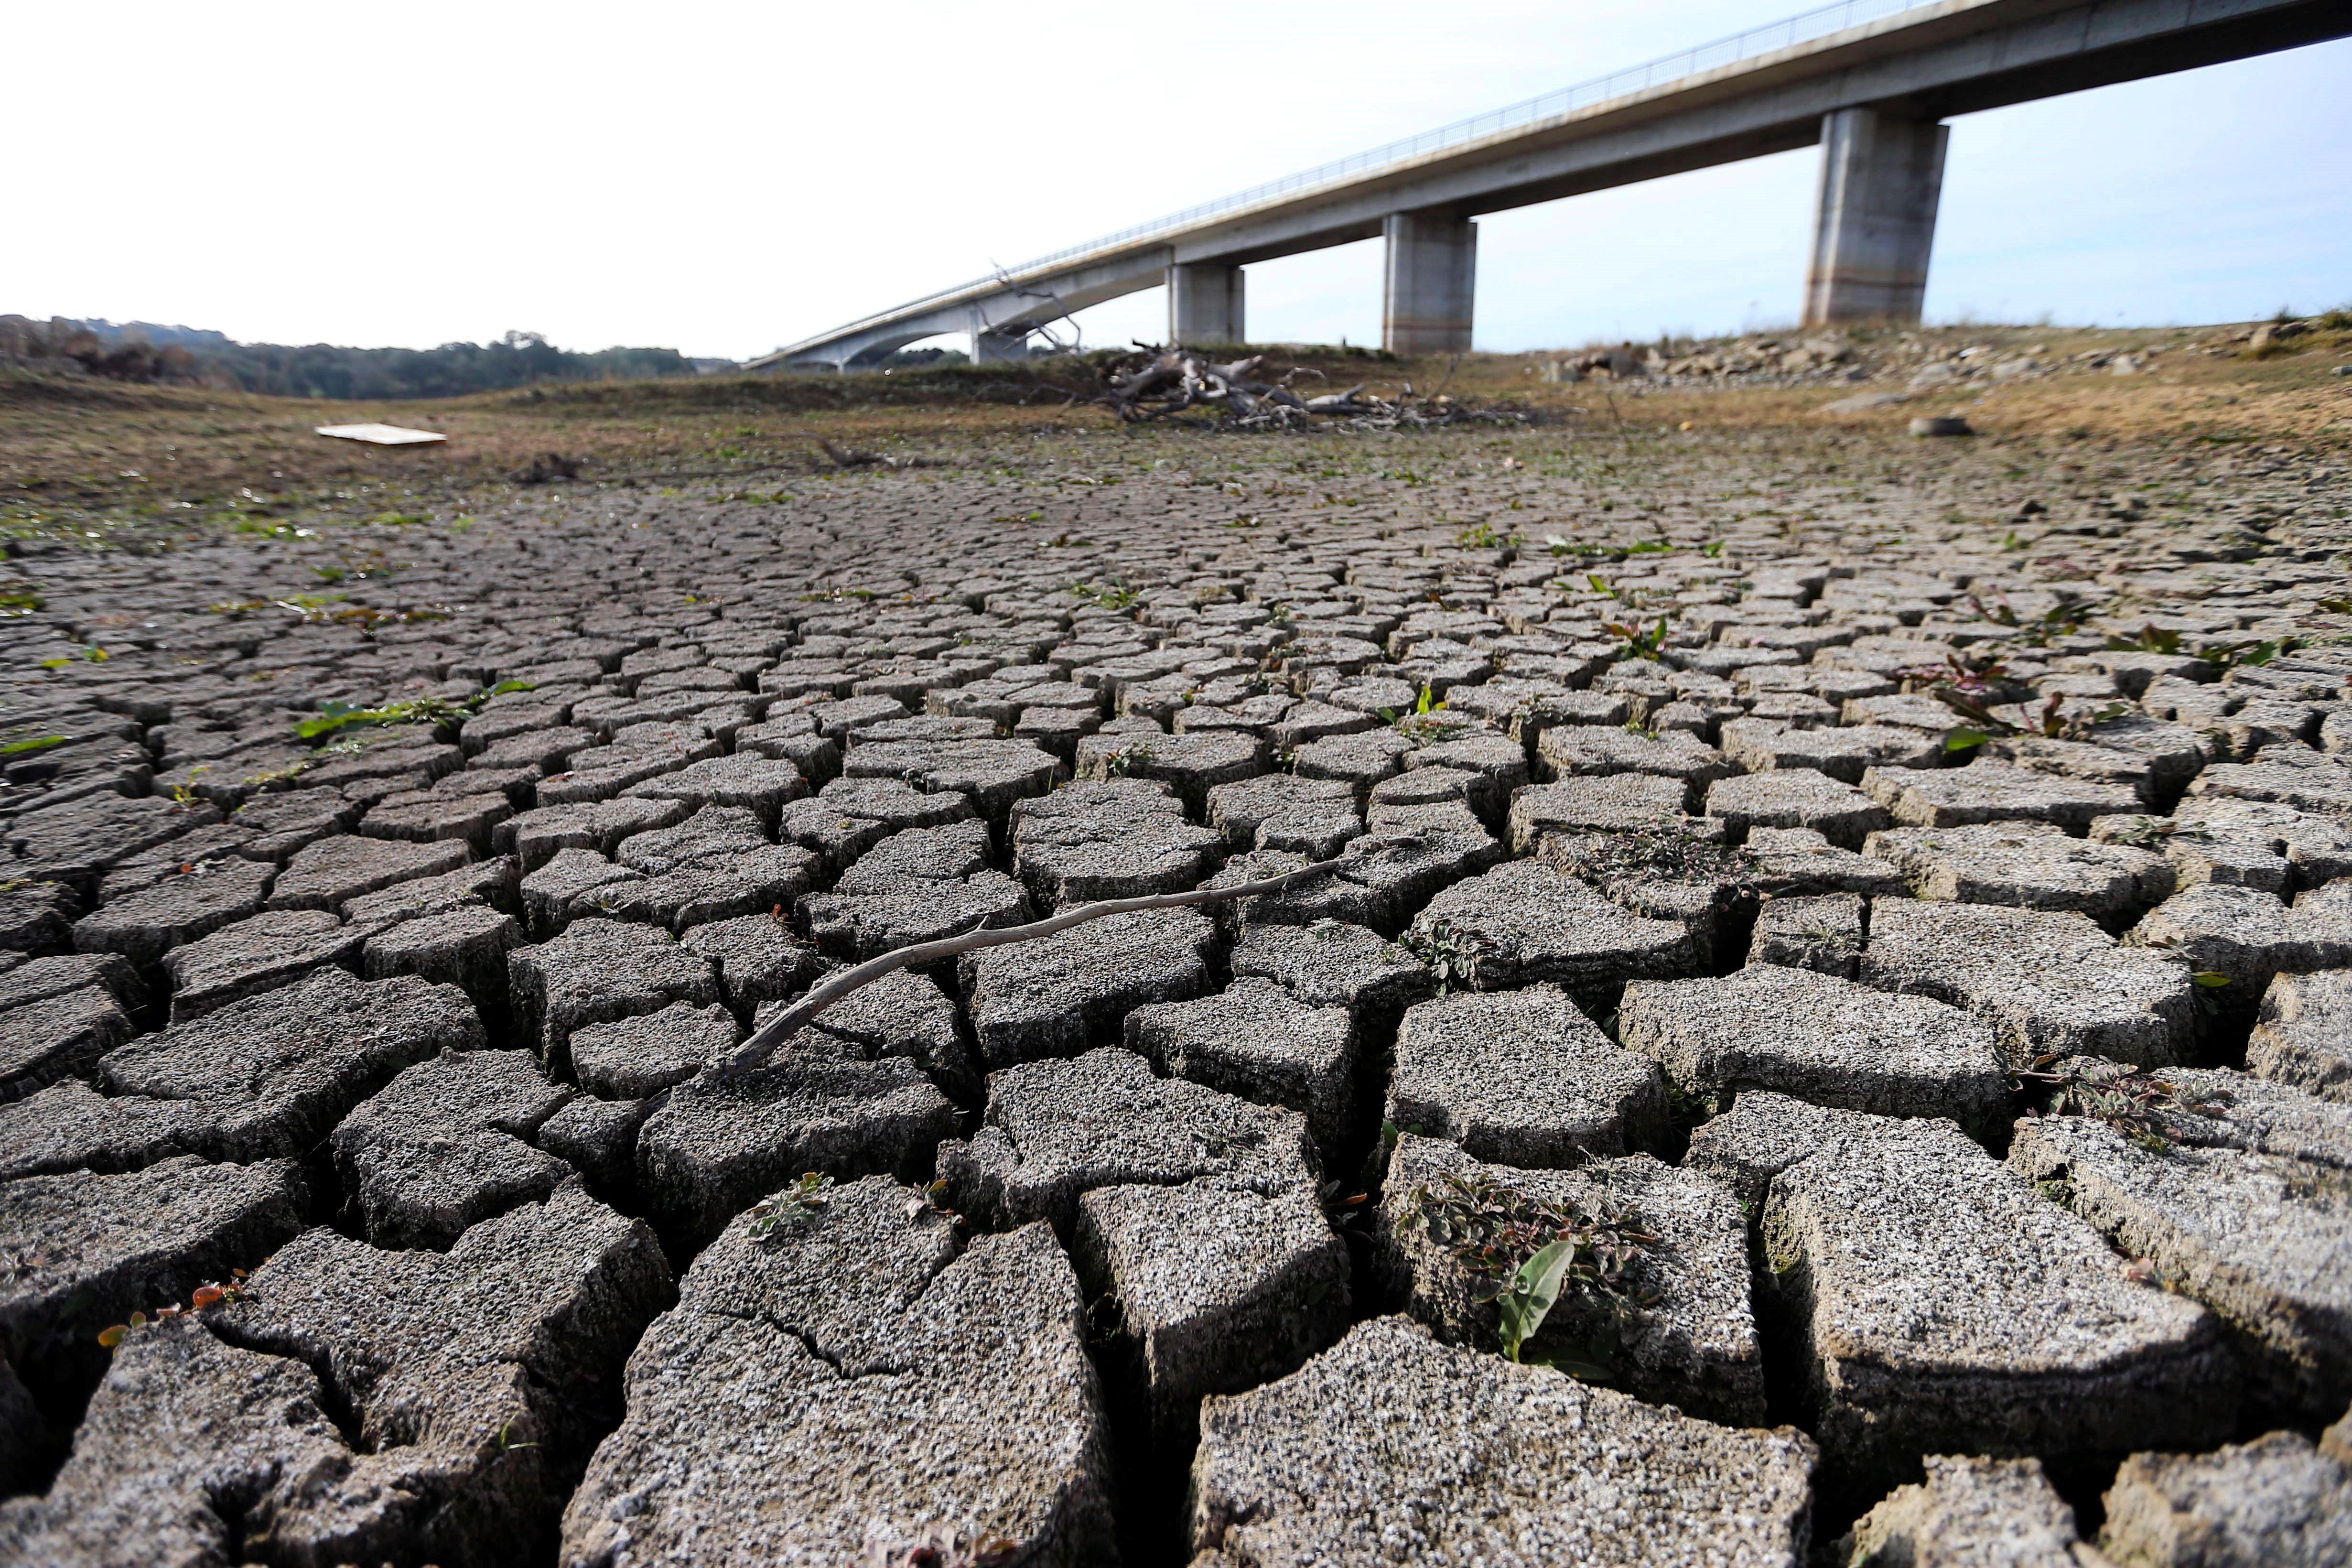 Vista del riu Guadiana, Portugal. El ministre portuguès João Pedro Matos Fernandes ha assegurat que, si la sequera que sofreix el país continua agreujant-se, les alcaldies podrien decidir restringir l'ús d'aigua durant diverses hores. /NUNO VEIGA